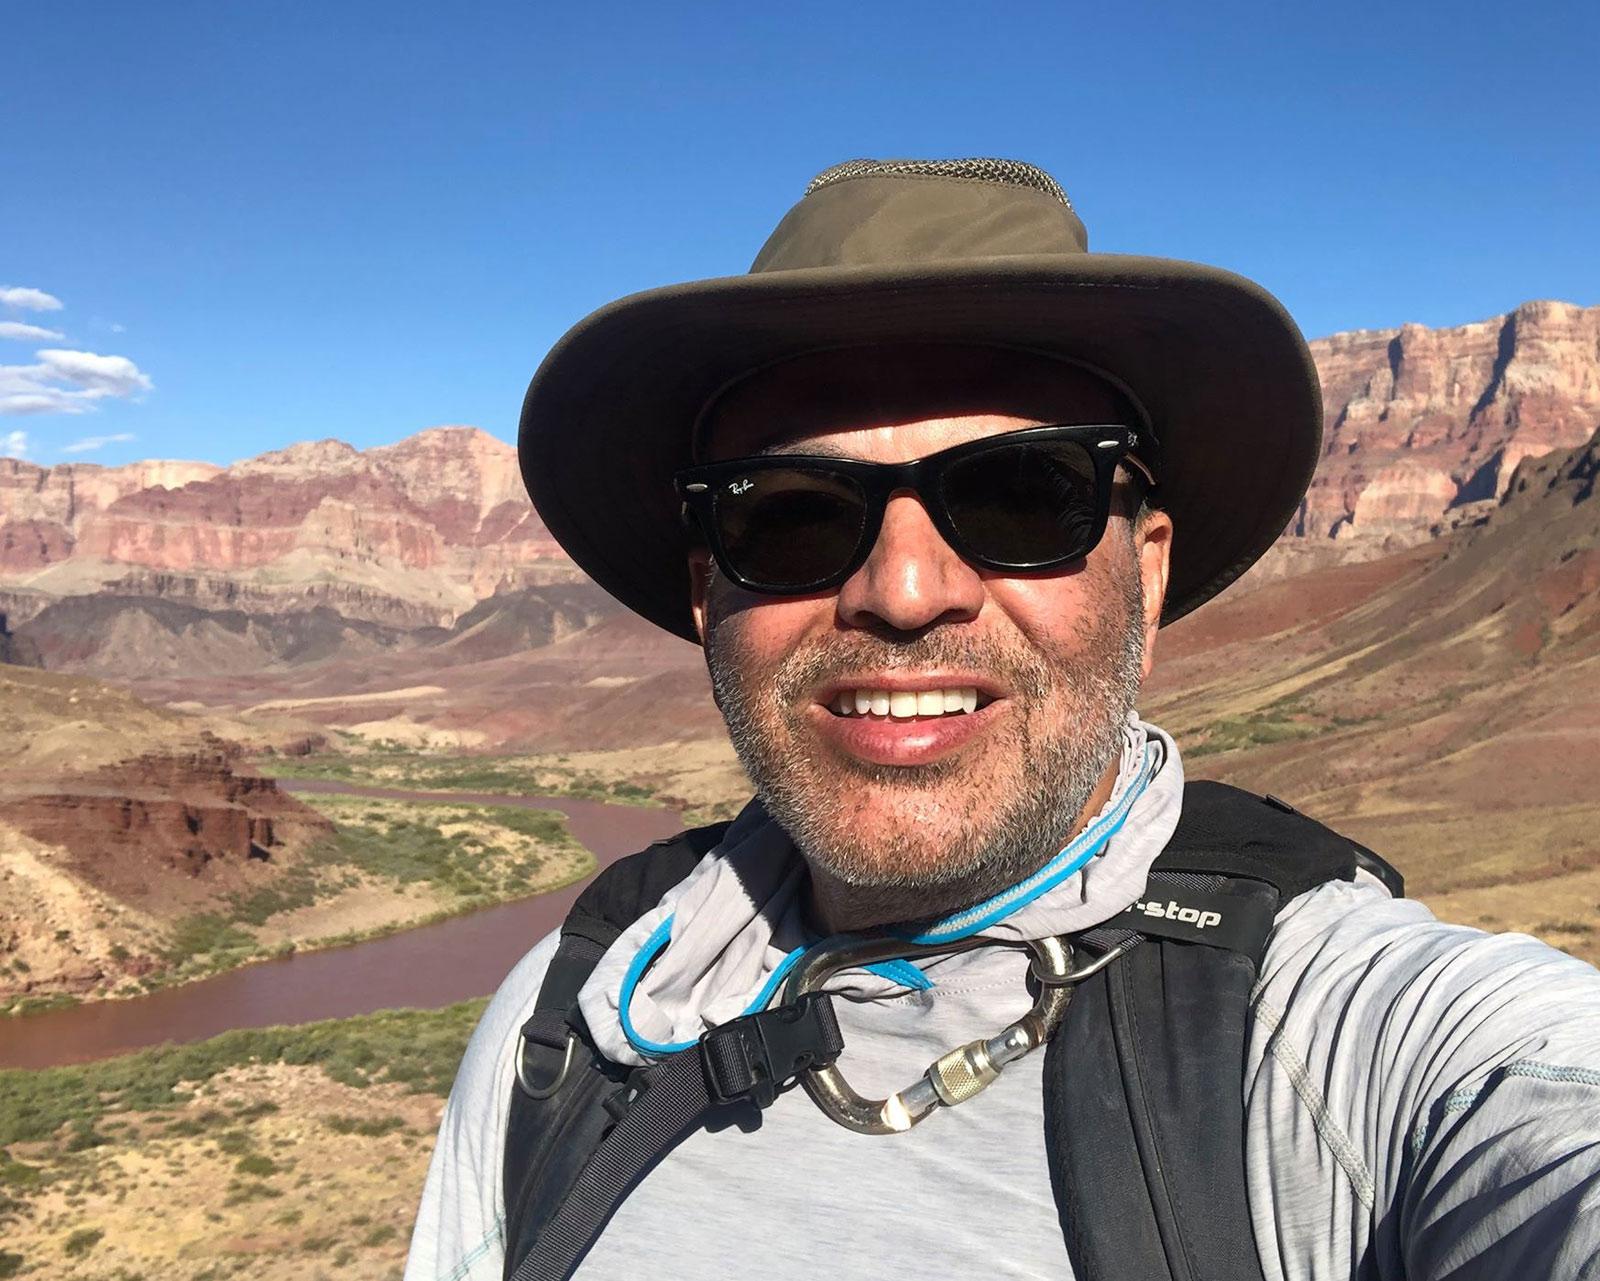 Yaz Loukhal, Grand Canyon, Colorado River, River Trip, Rafting, photo